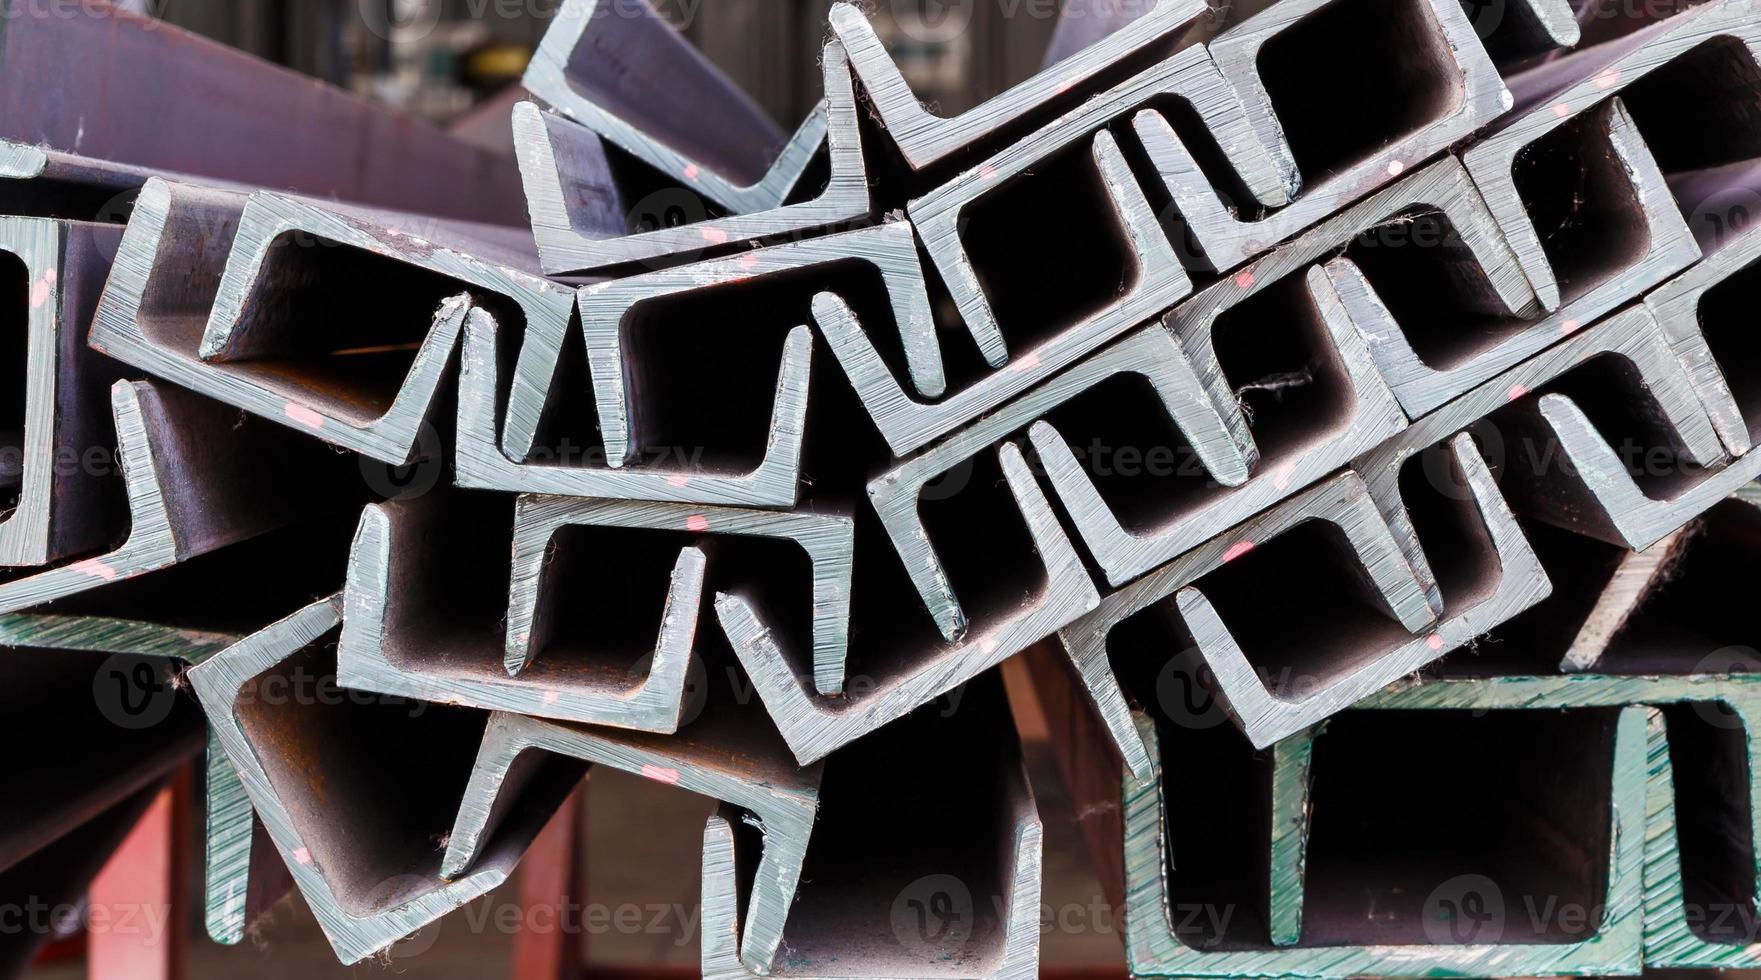 Cerrar un montón de acero de viga en forma de u foto